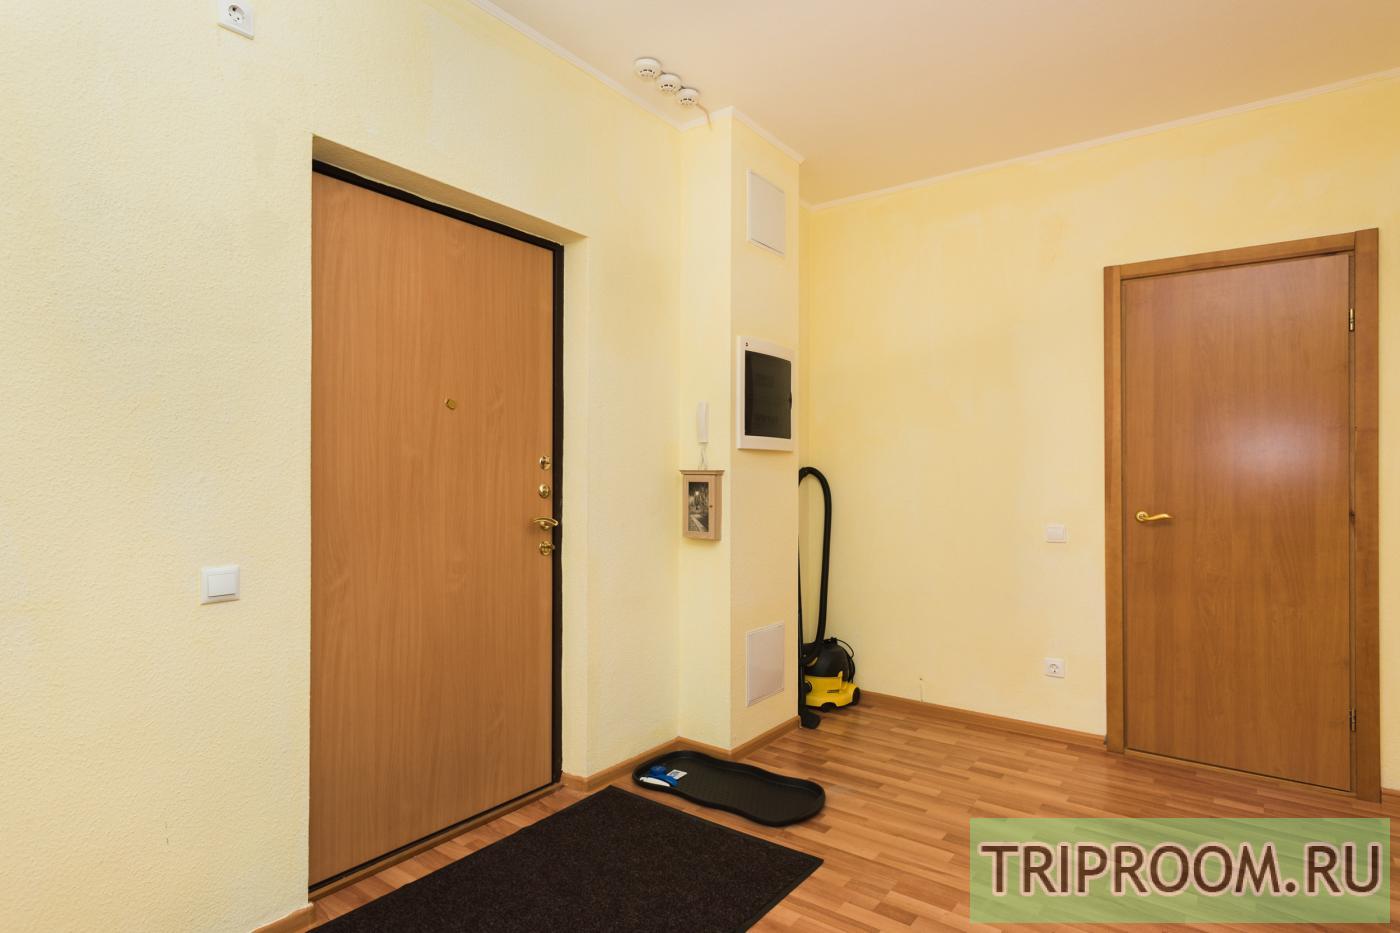 2-комнатная квартира посуточно (вариант № 11950), ул. Шейнкмана улица, фото № 12